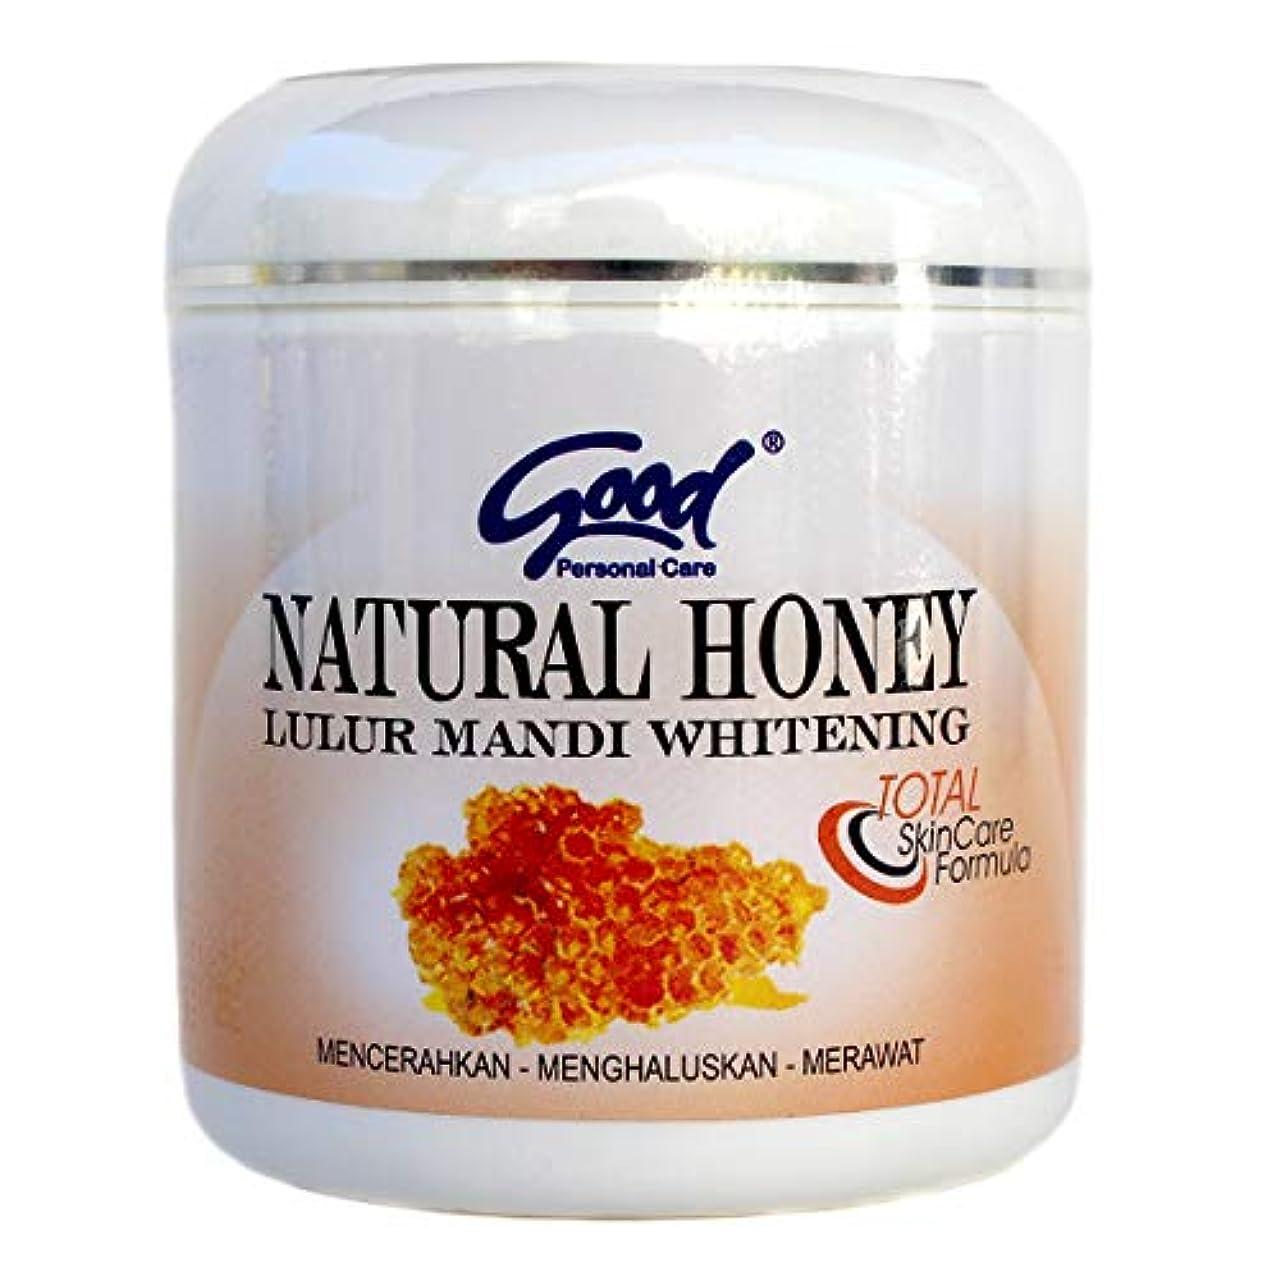 漏斗提案する餌good グッド インドネシアバリ島の伝統的なボディスクラブ Lulur Mandi マンディルルール 200g Natural Honey ナチュラルハニー [海外直送品]